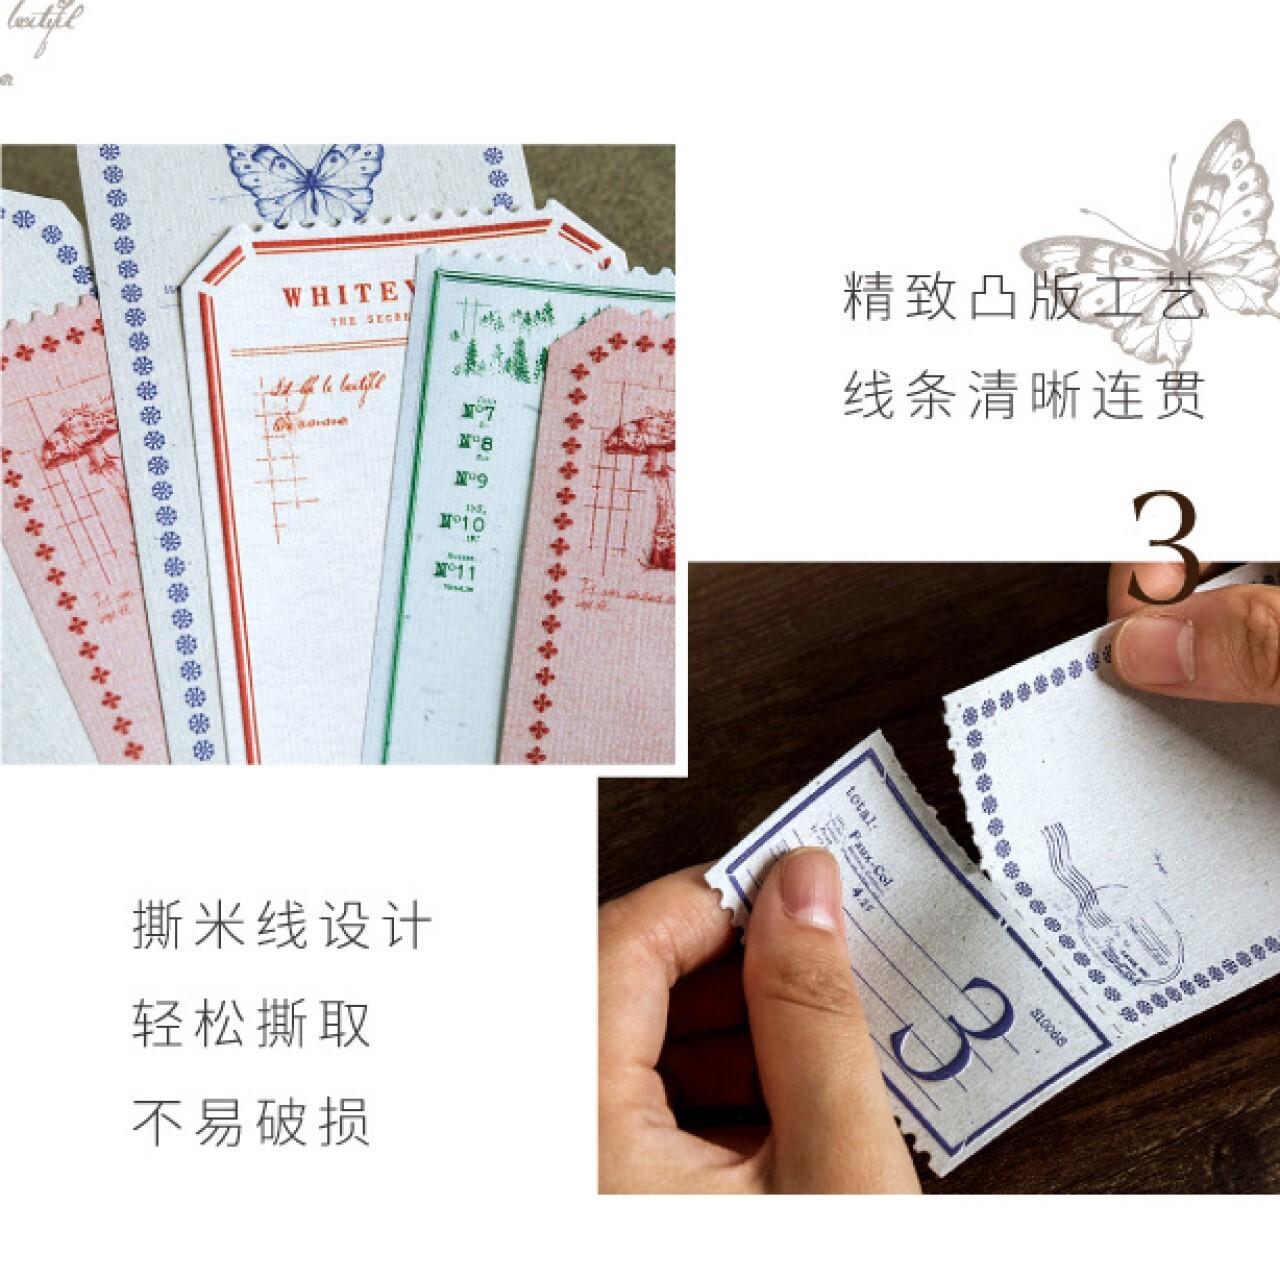 ナチュラルシリーズ メモパッド 全4種 素材紙 メモ帳 レトロ 蝶 きのこ ボタニカル 植物 コラージュ ほぼ日手帳 E12